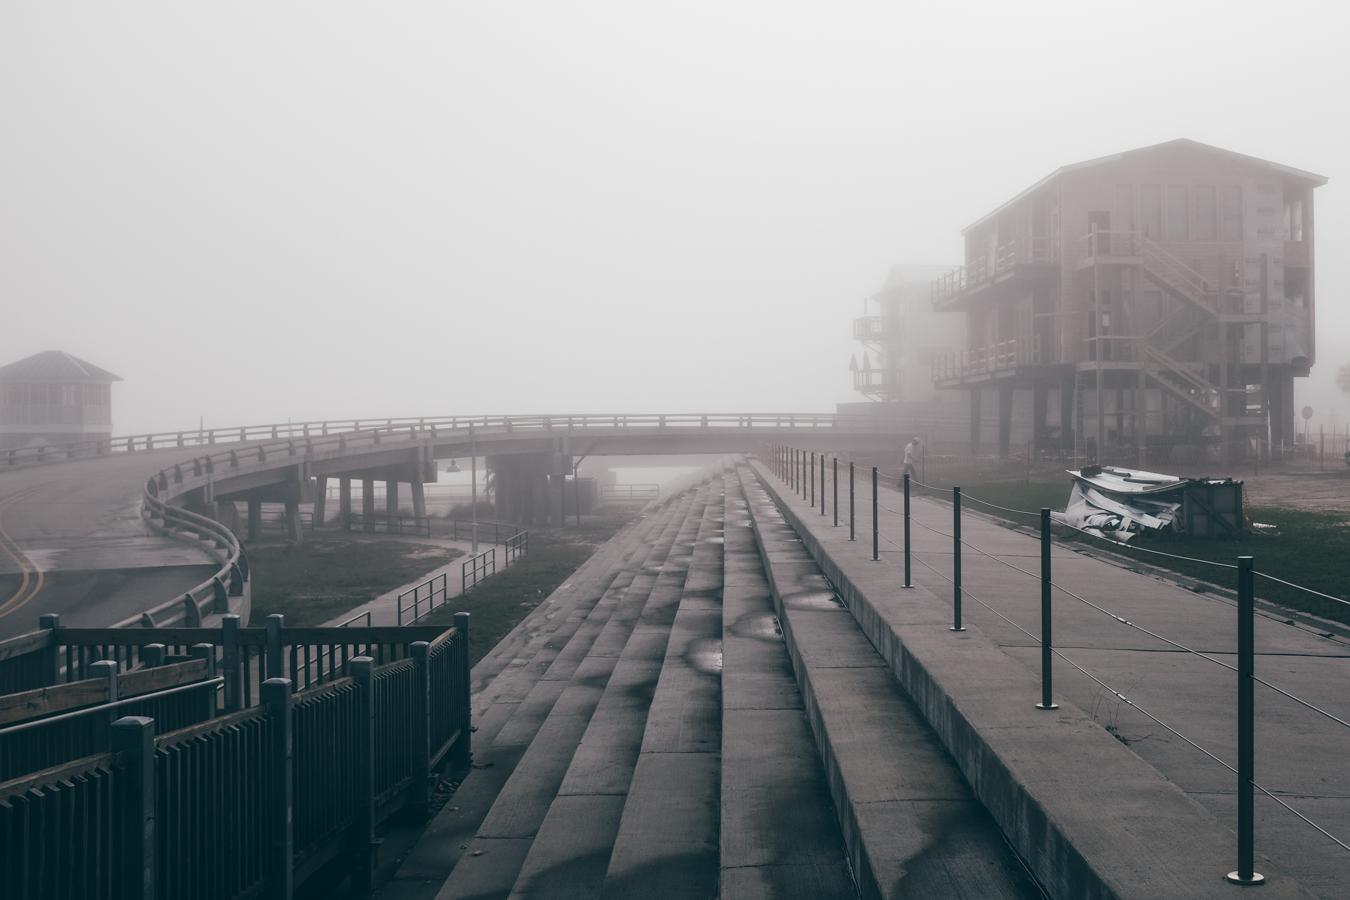 KK_foggybeach-1553.jpg